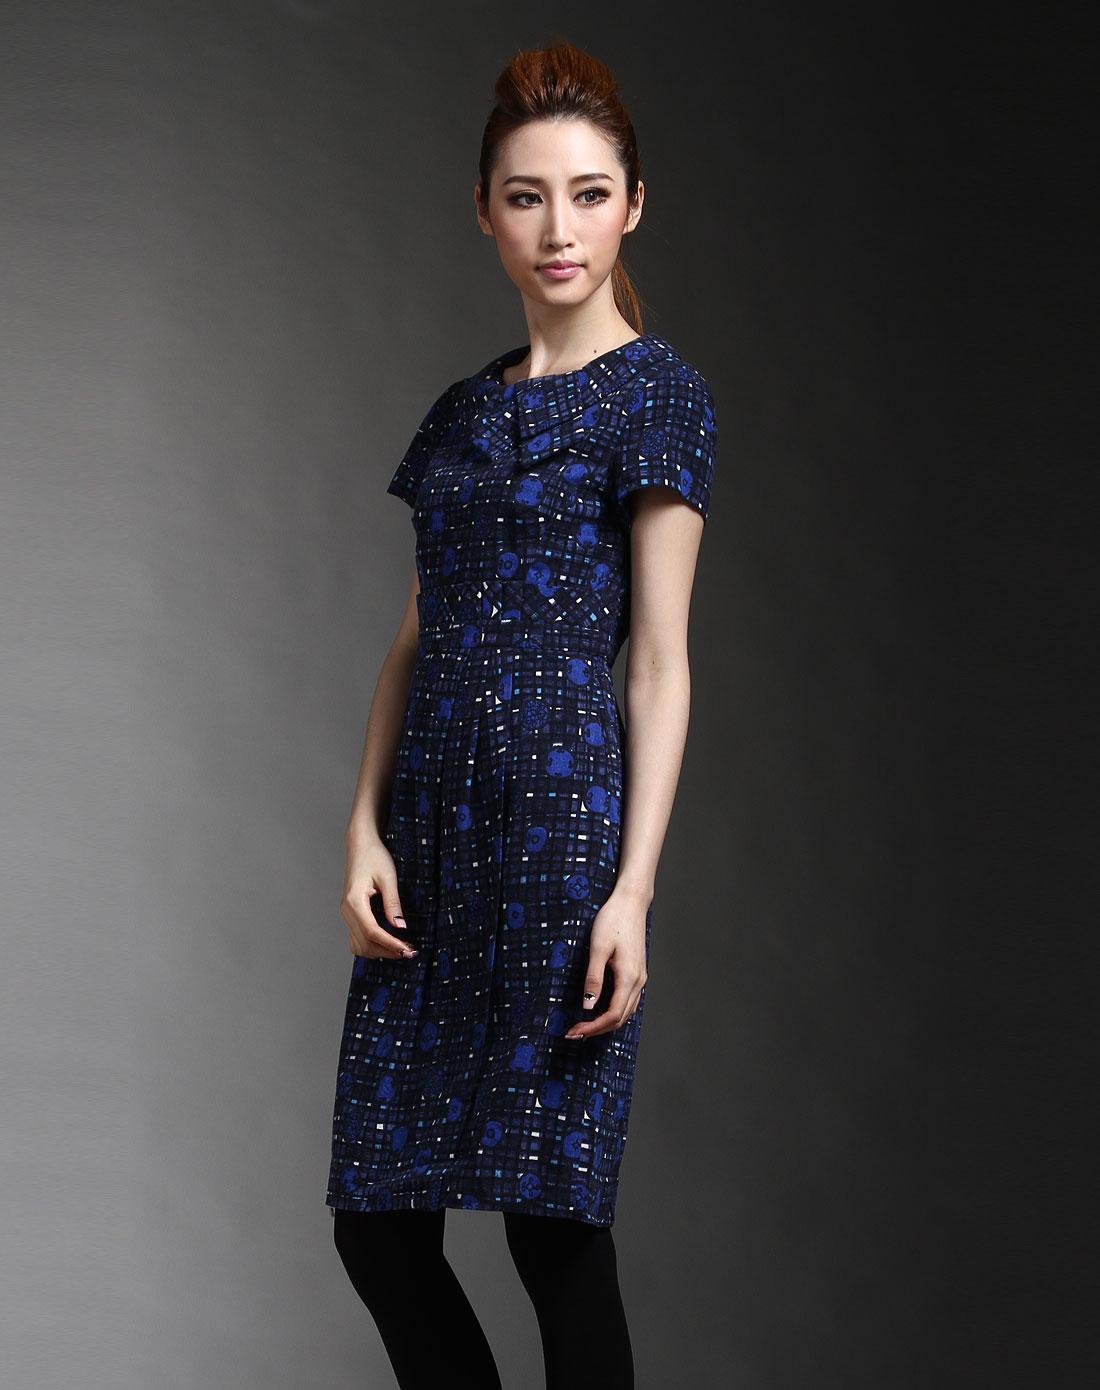 黑/蓝色格纹印图短袖连衣裙